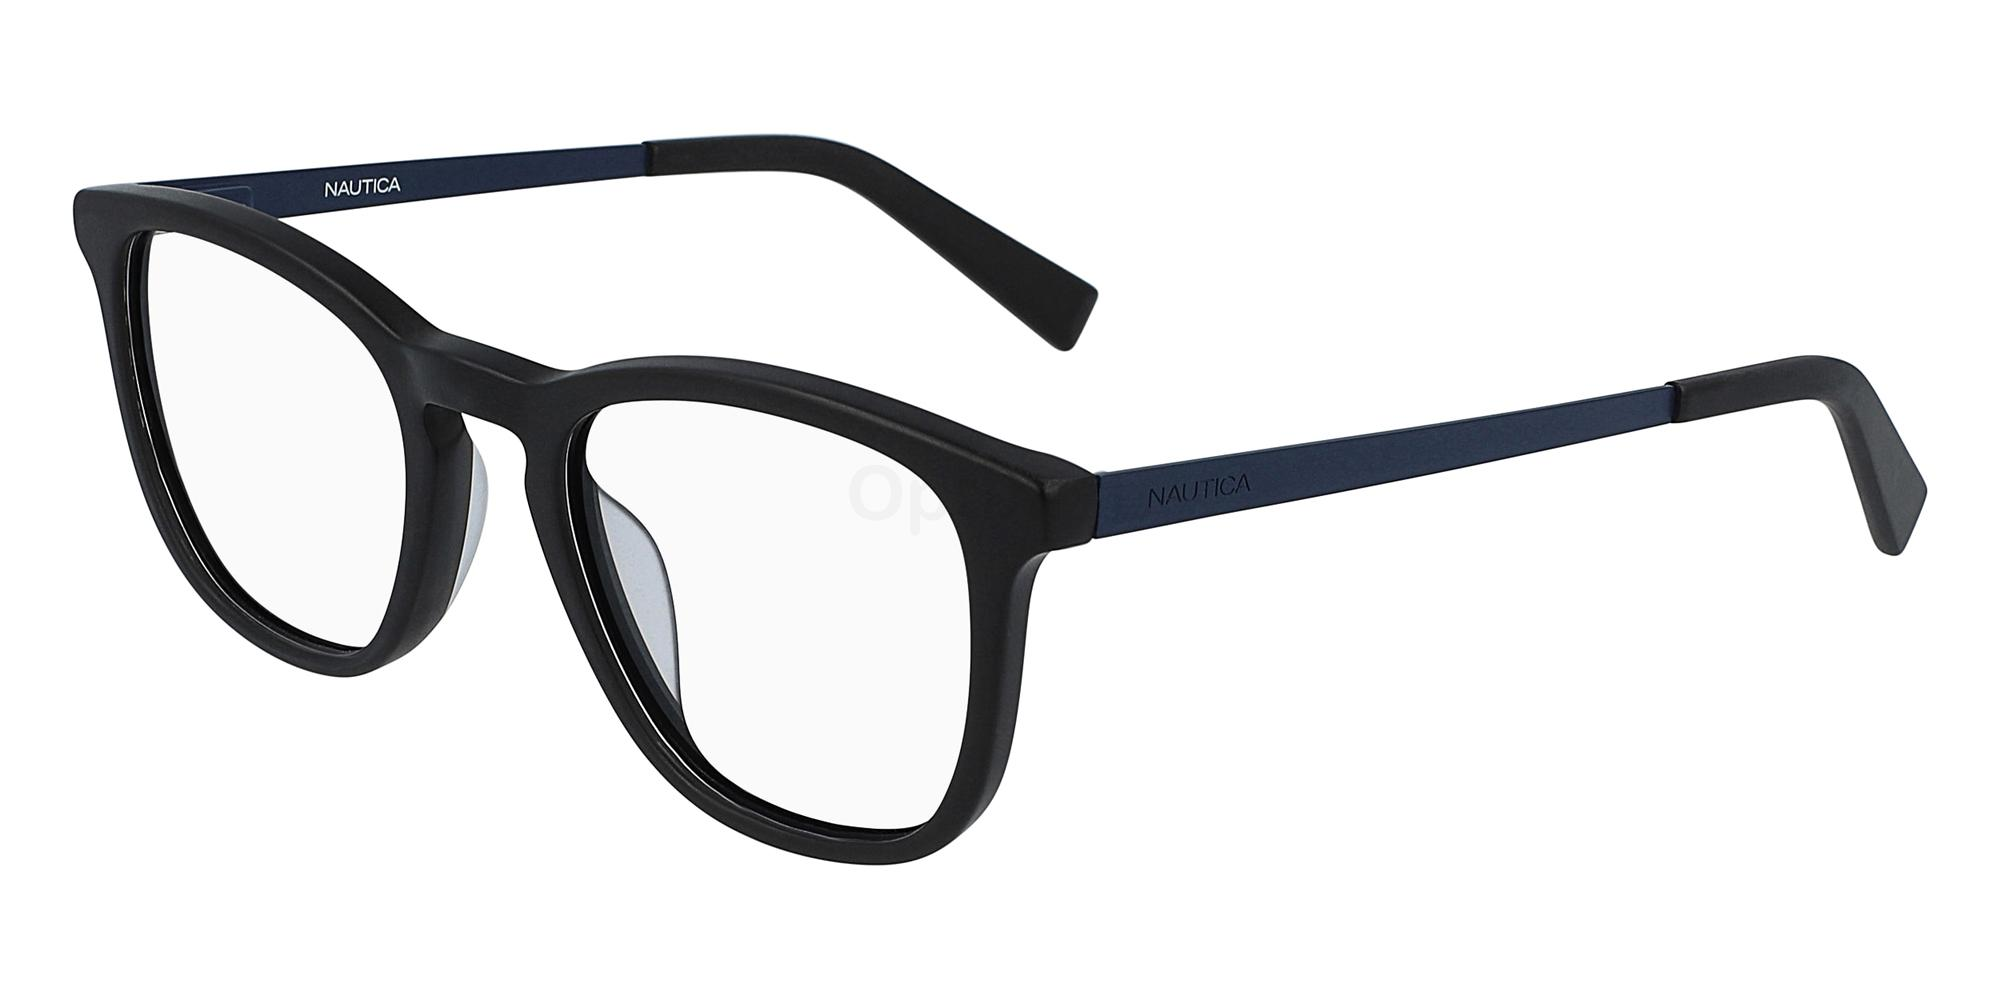 005 N8154 Glasses, Nautica